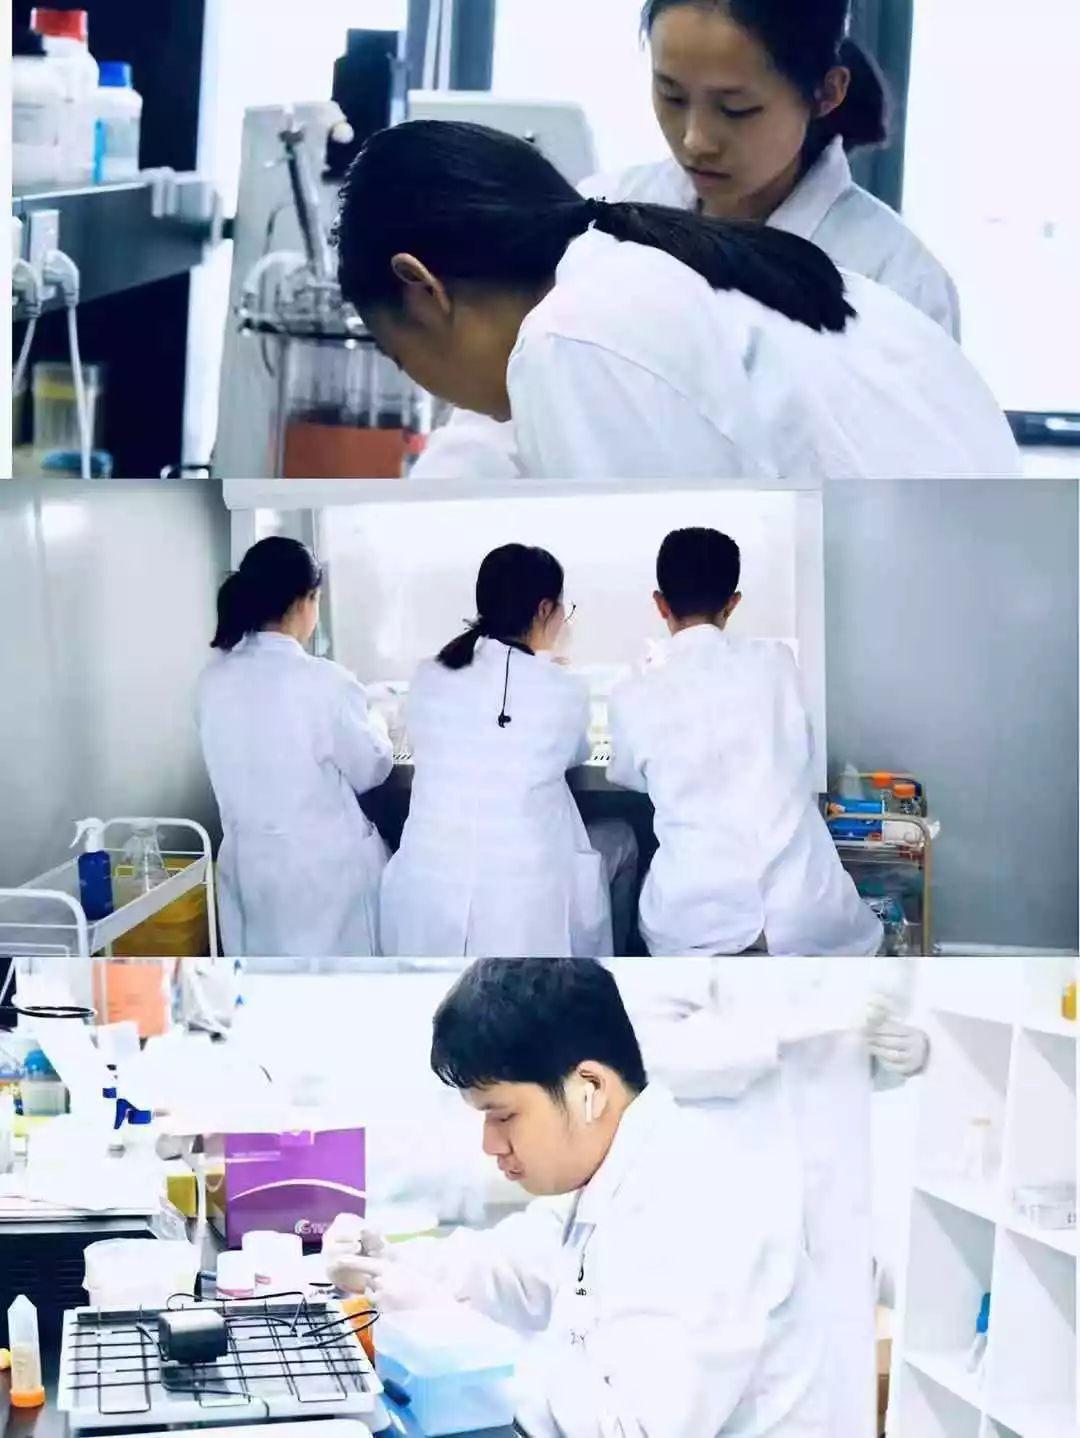 捷报频传!深国交校队摘得2019 iGEM(国际基因工程机器大赛)金牌